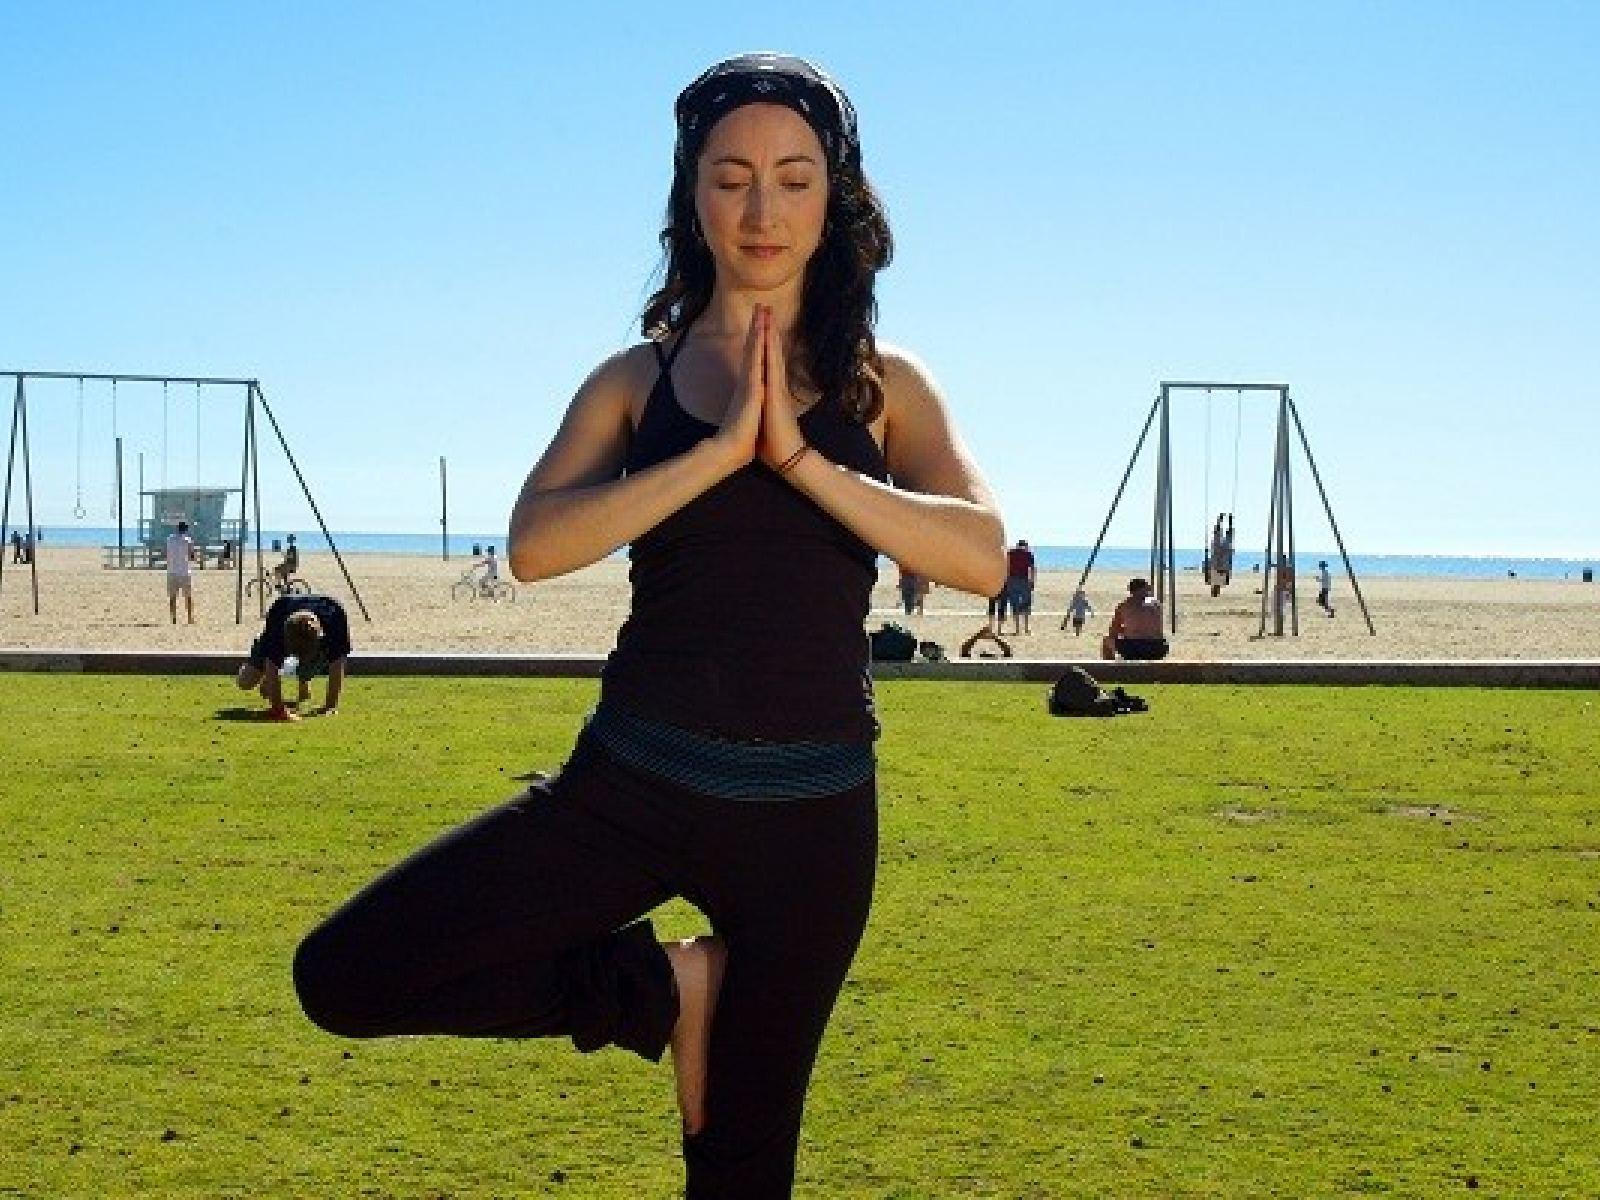 Main image for article titled Le bien-être : Tout est fait pour apprécier la vie sous le beau soleil de Santa Monica